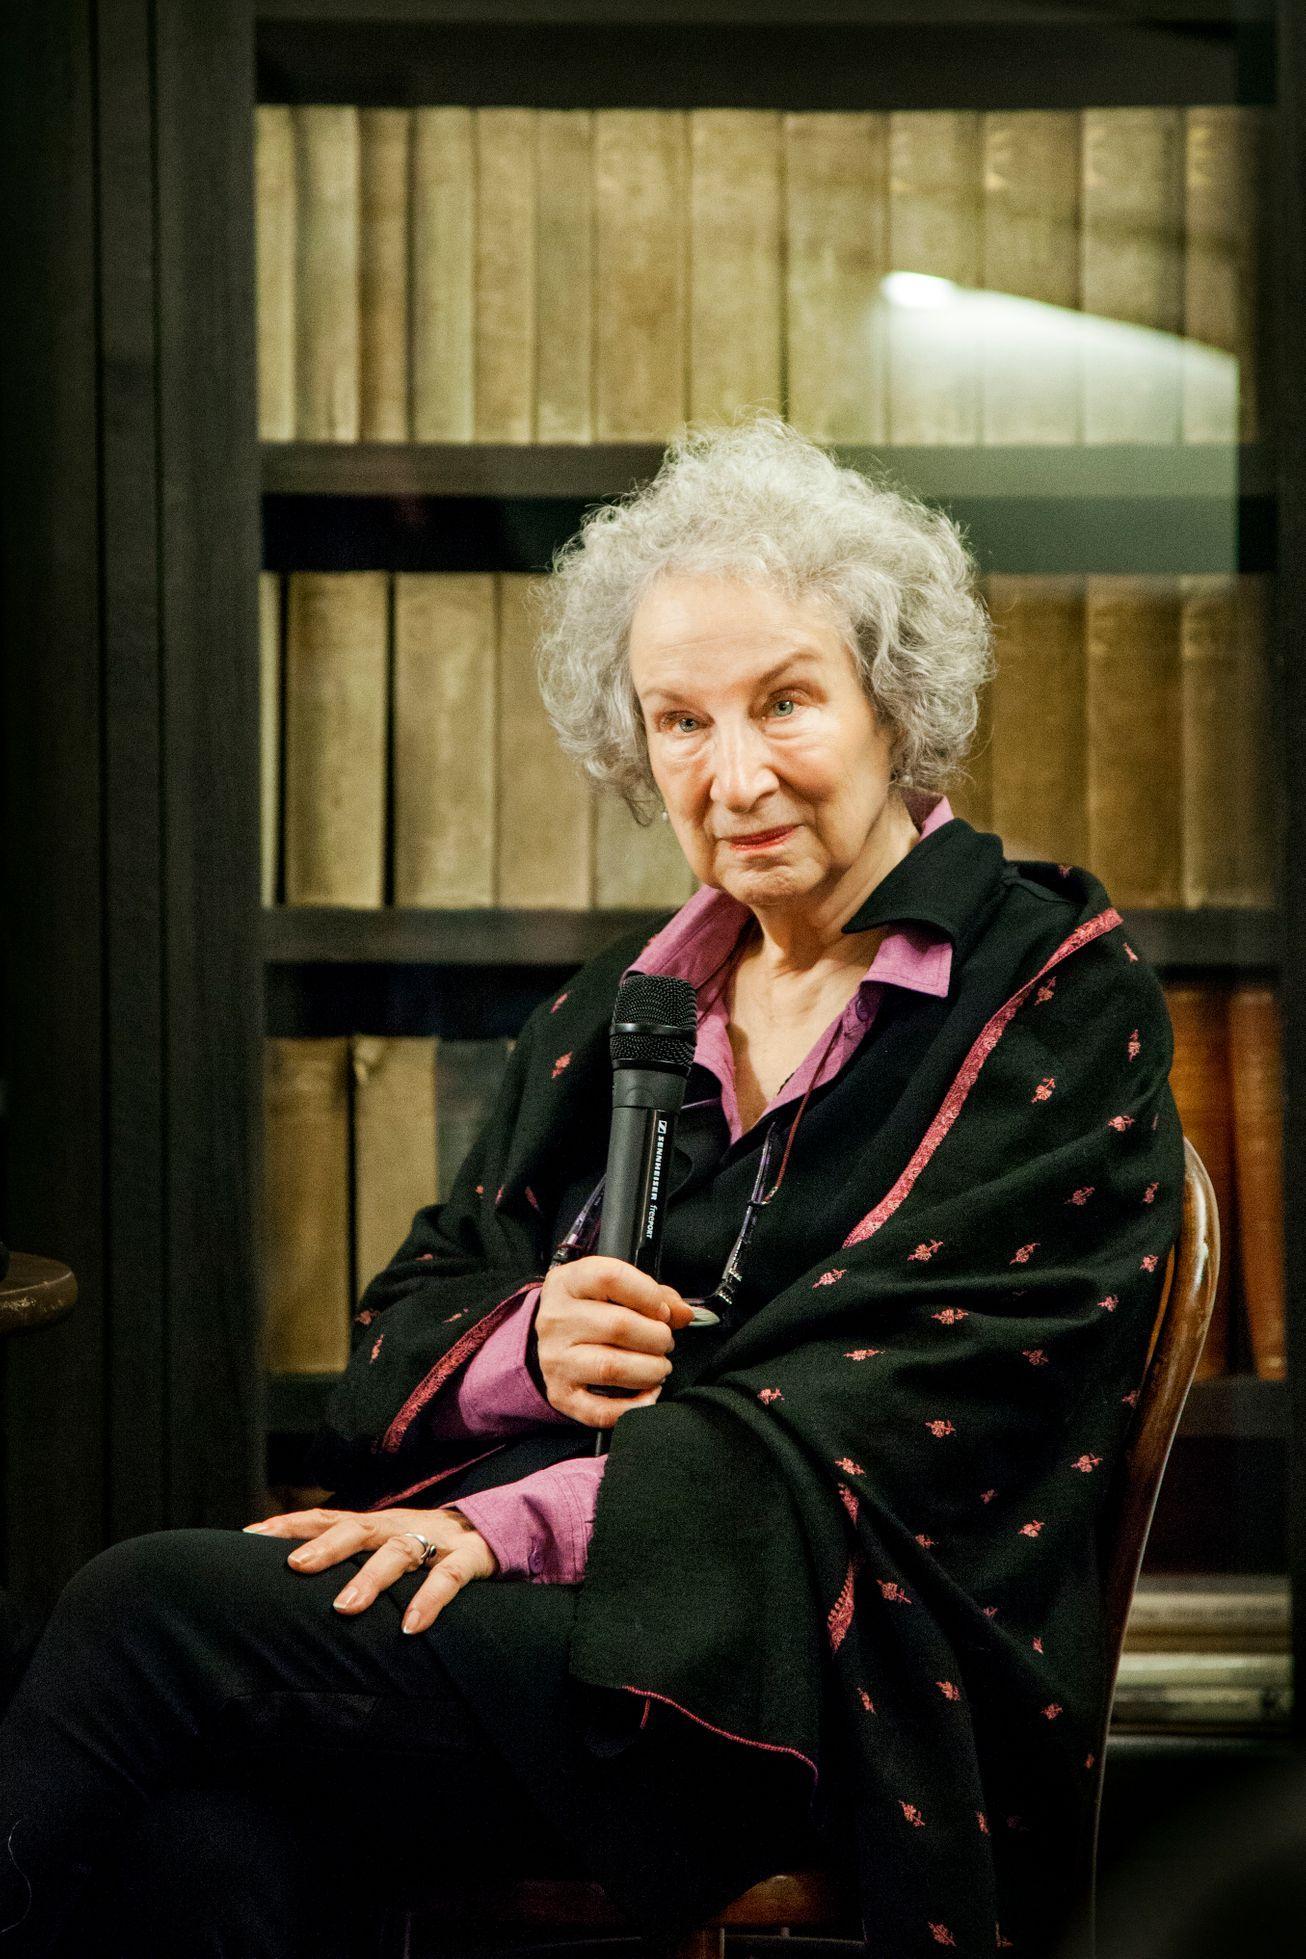 0bf8ee5ede0b Recenze románu Alias Grace spisovatelky Margaret Atwoodové - Aktuálně.cz